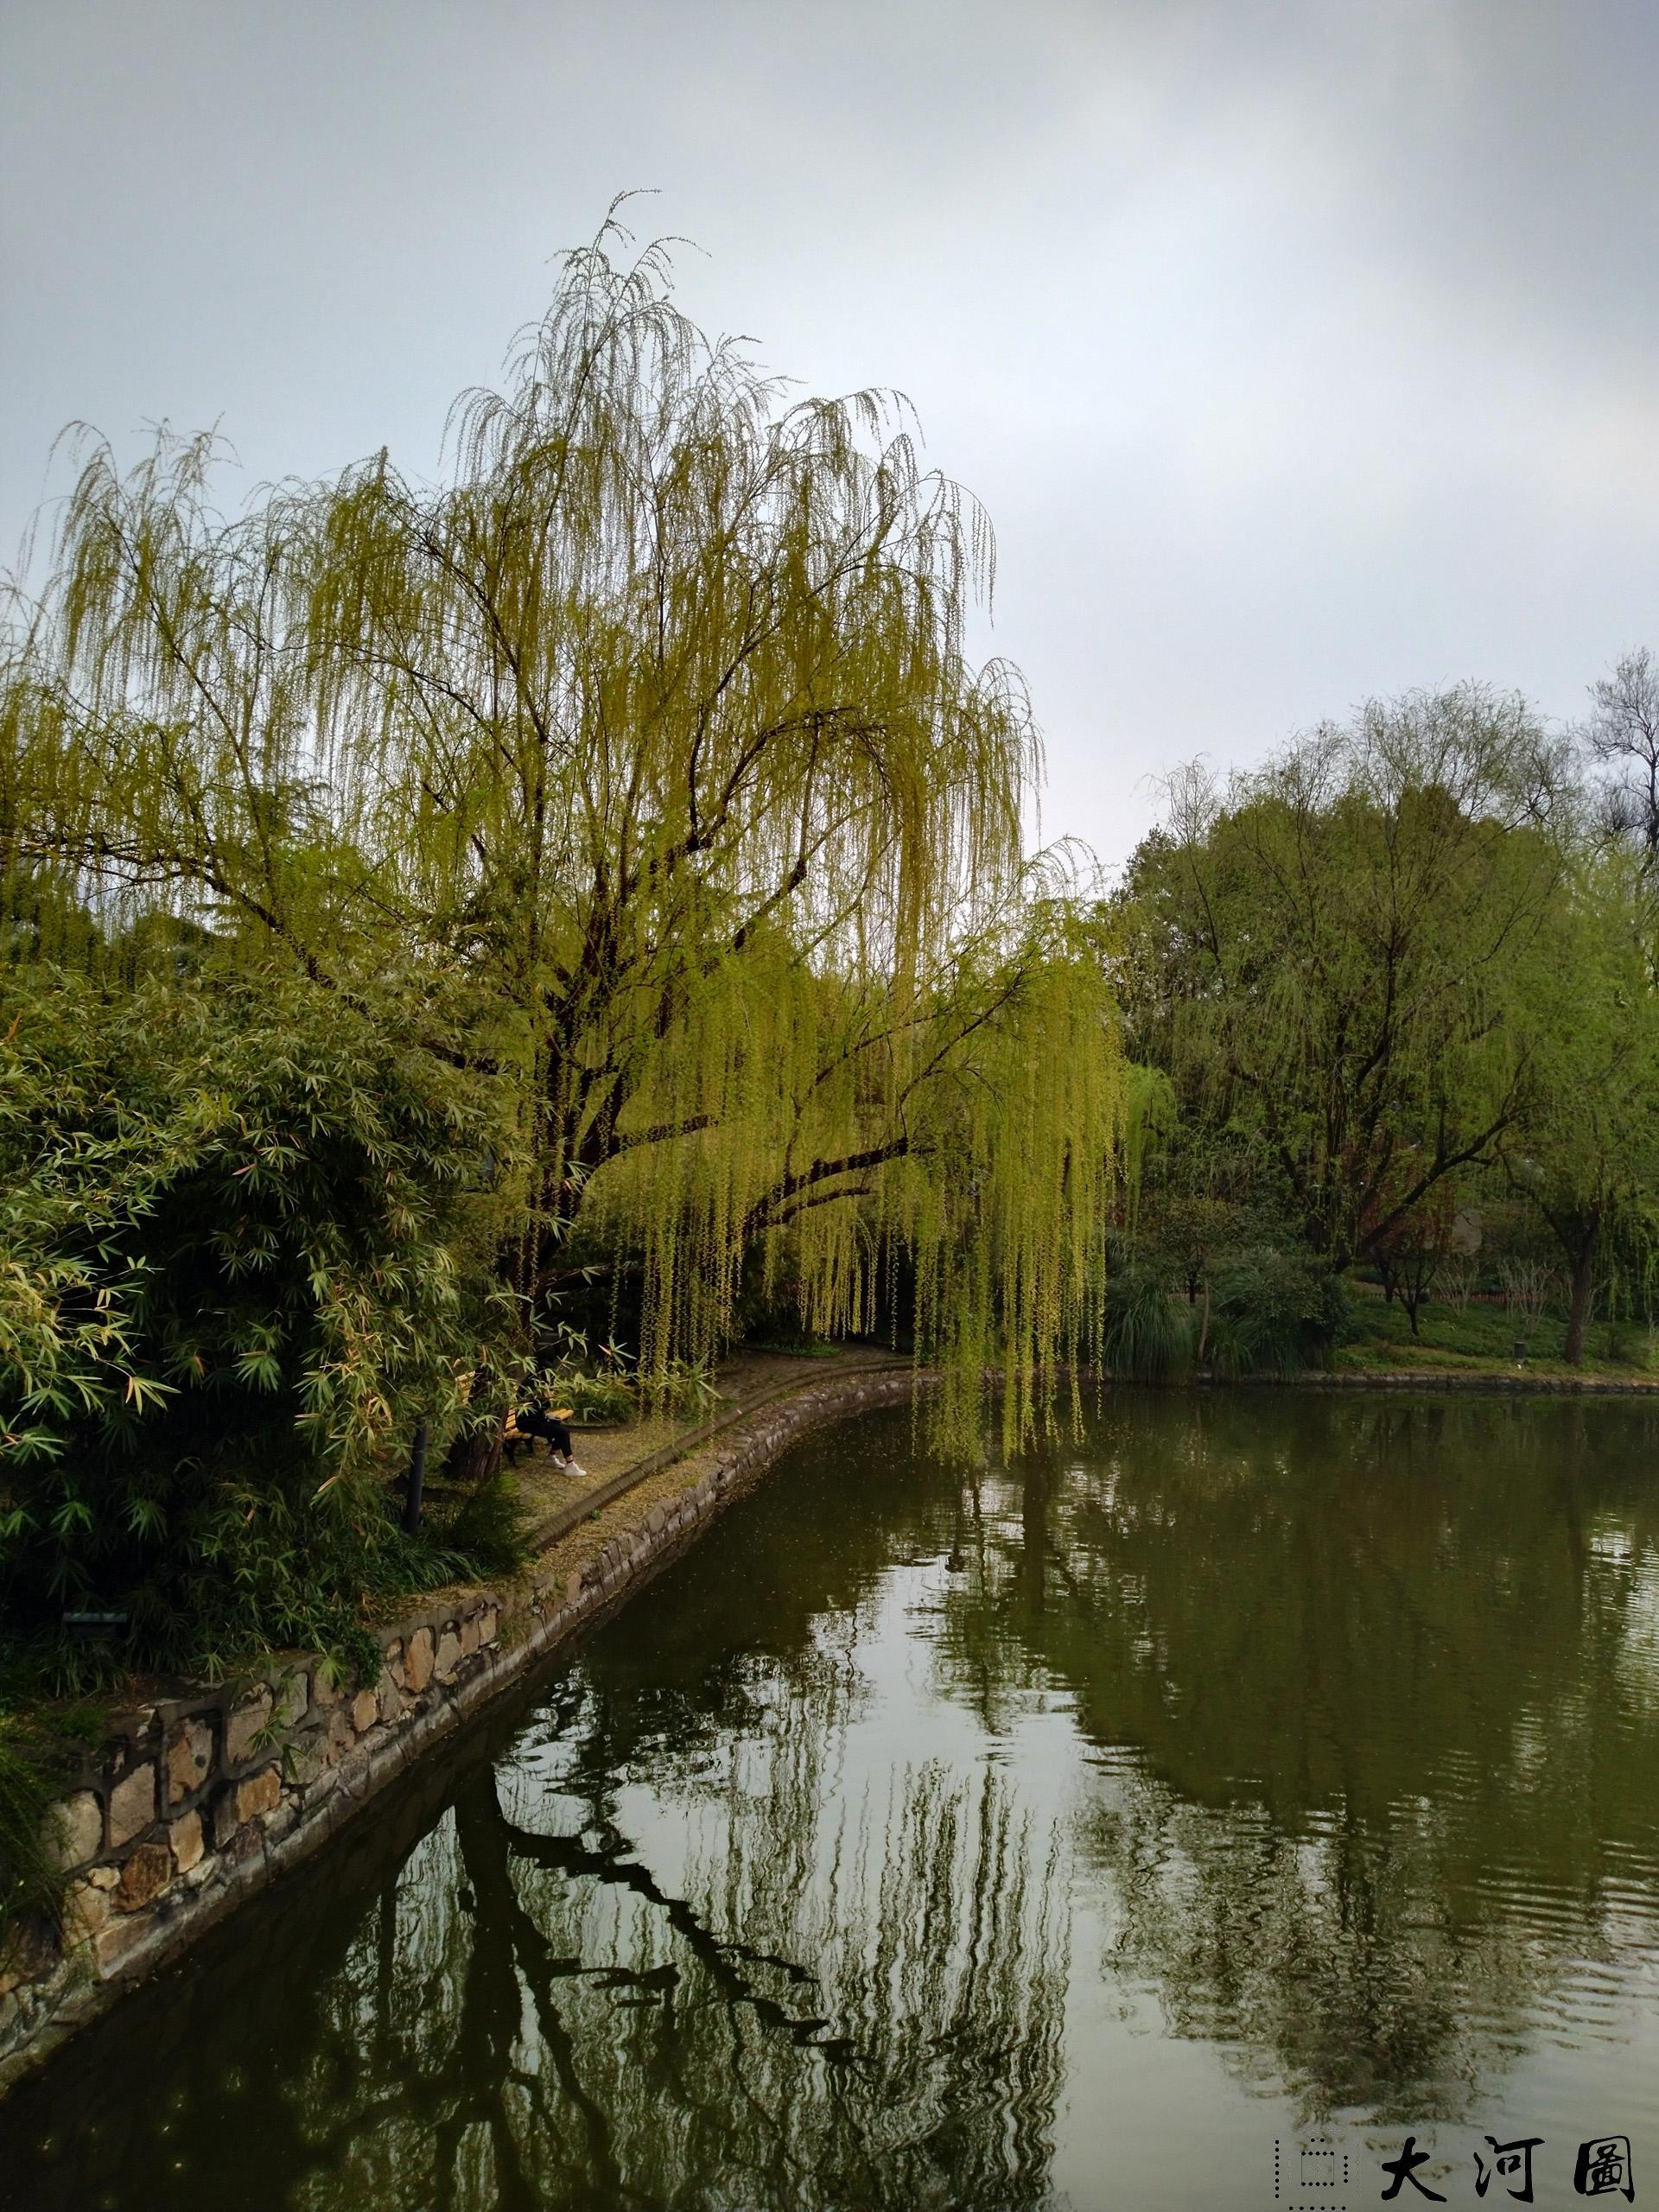 上海长风公园初春之景色幽暗灰沉 摄影 第24张